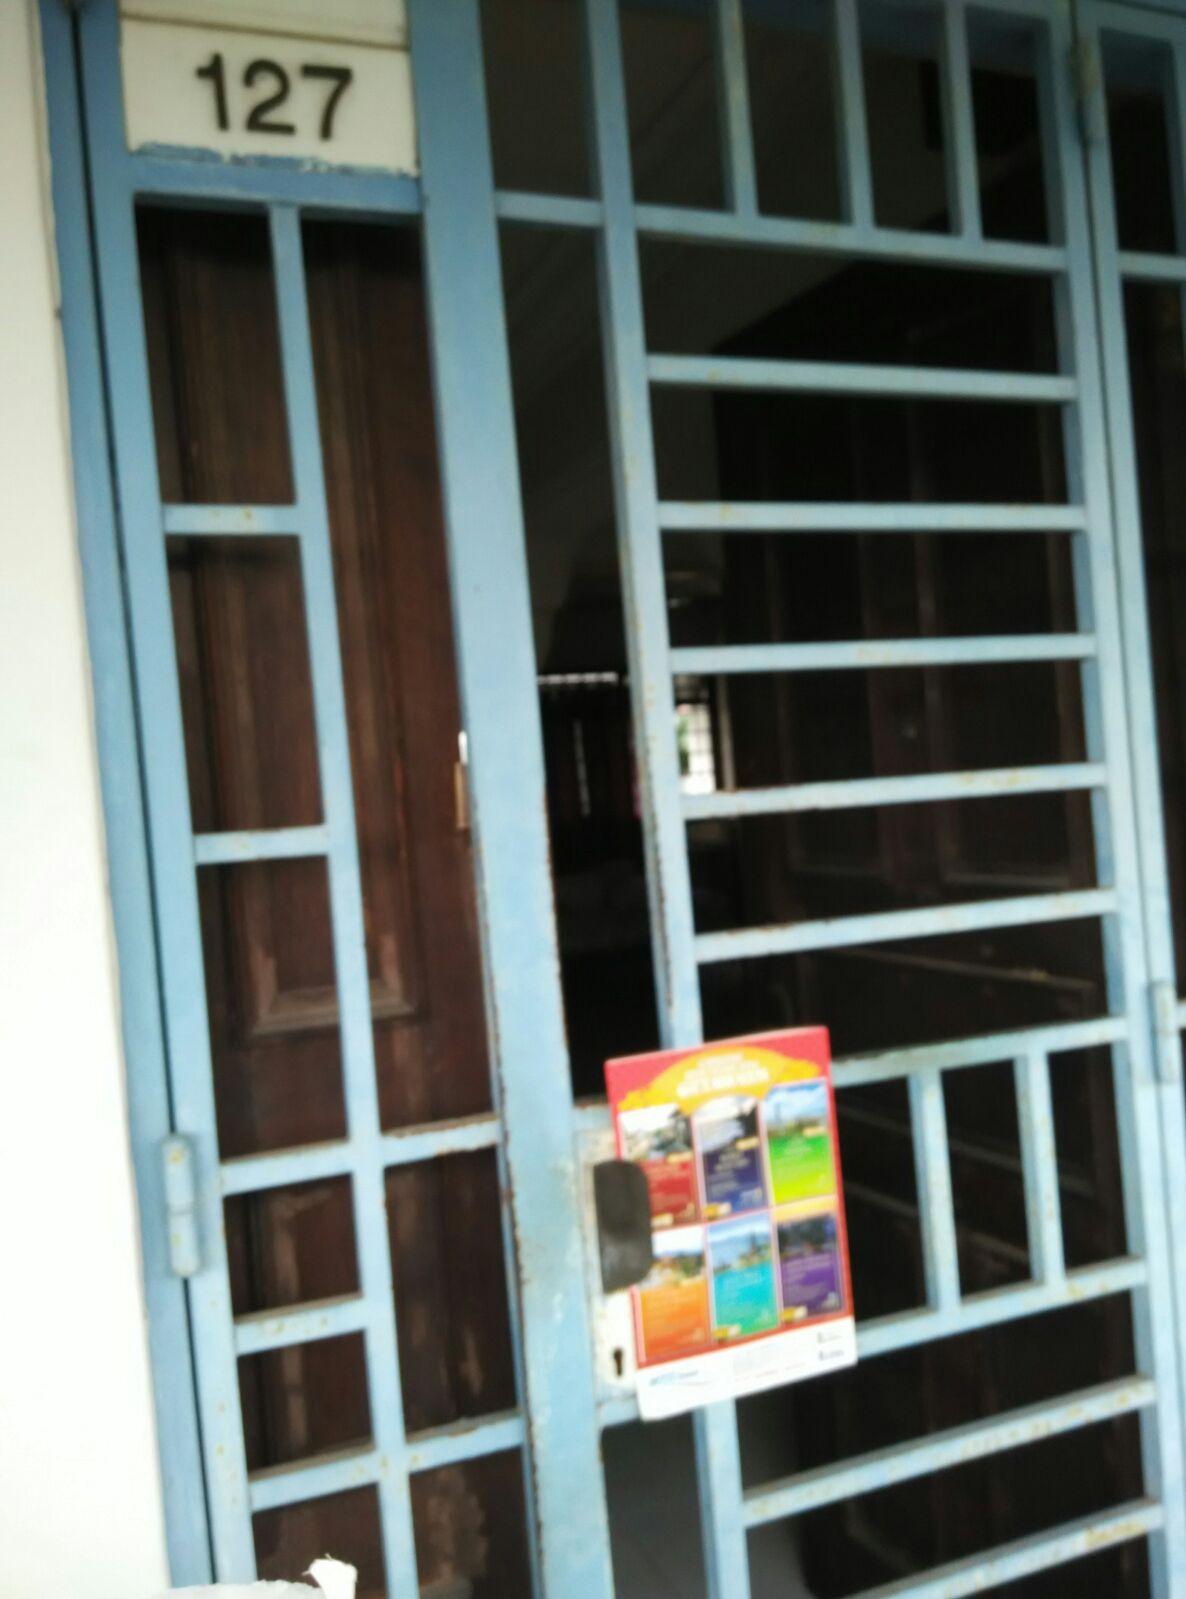 Door Installation Flyers : Hdb door free veneer is actually thin slices of wood that